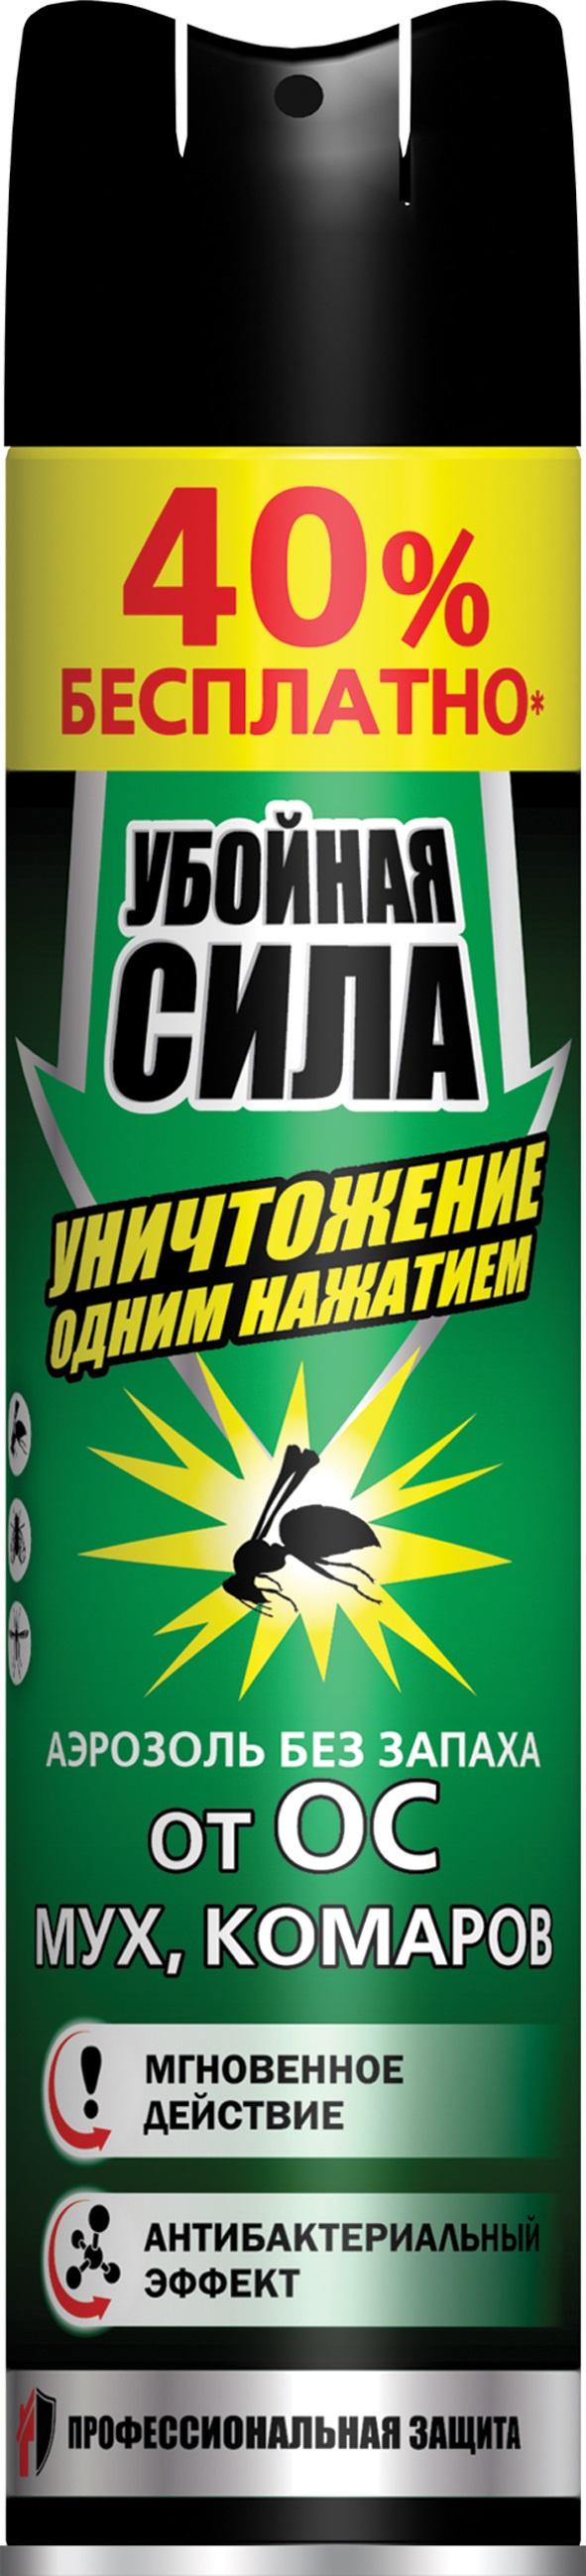 Аэрозоль Убойная сила Extra, 200 мл + 80 мл. бесплатно